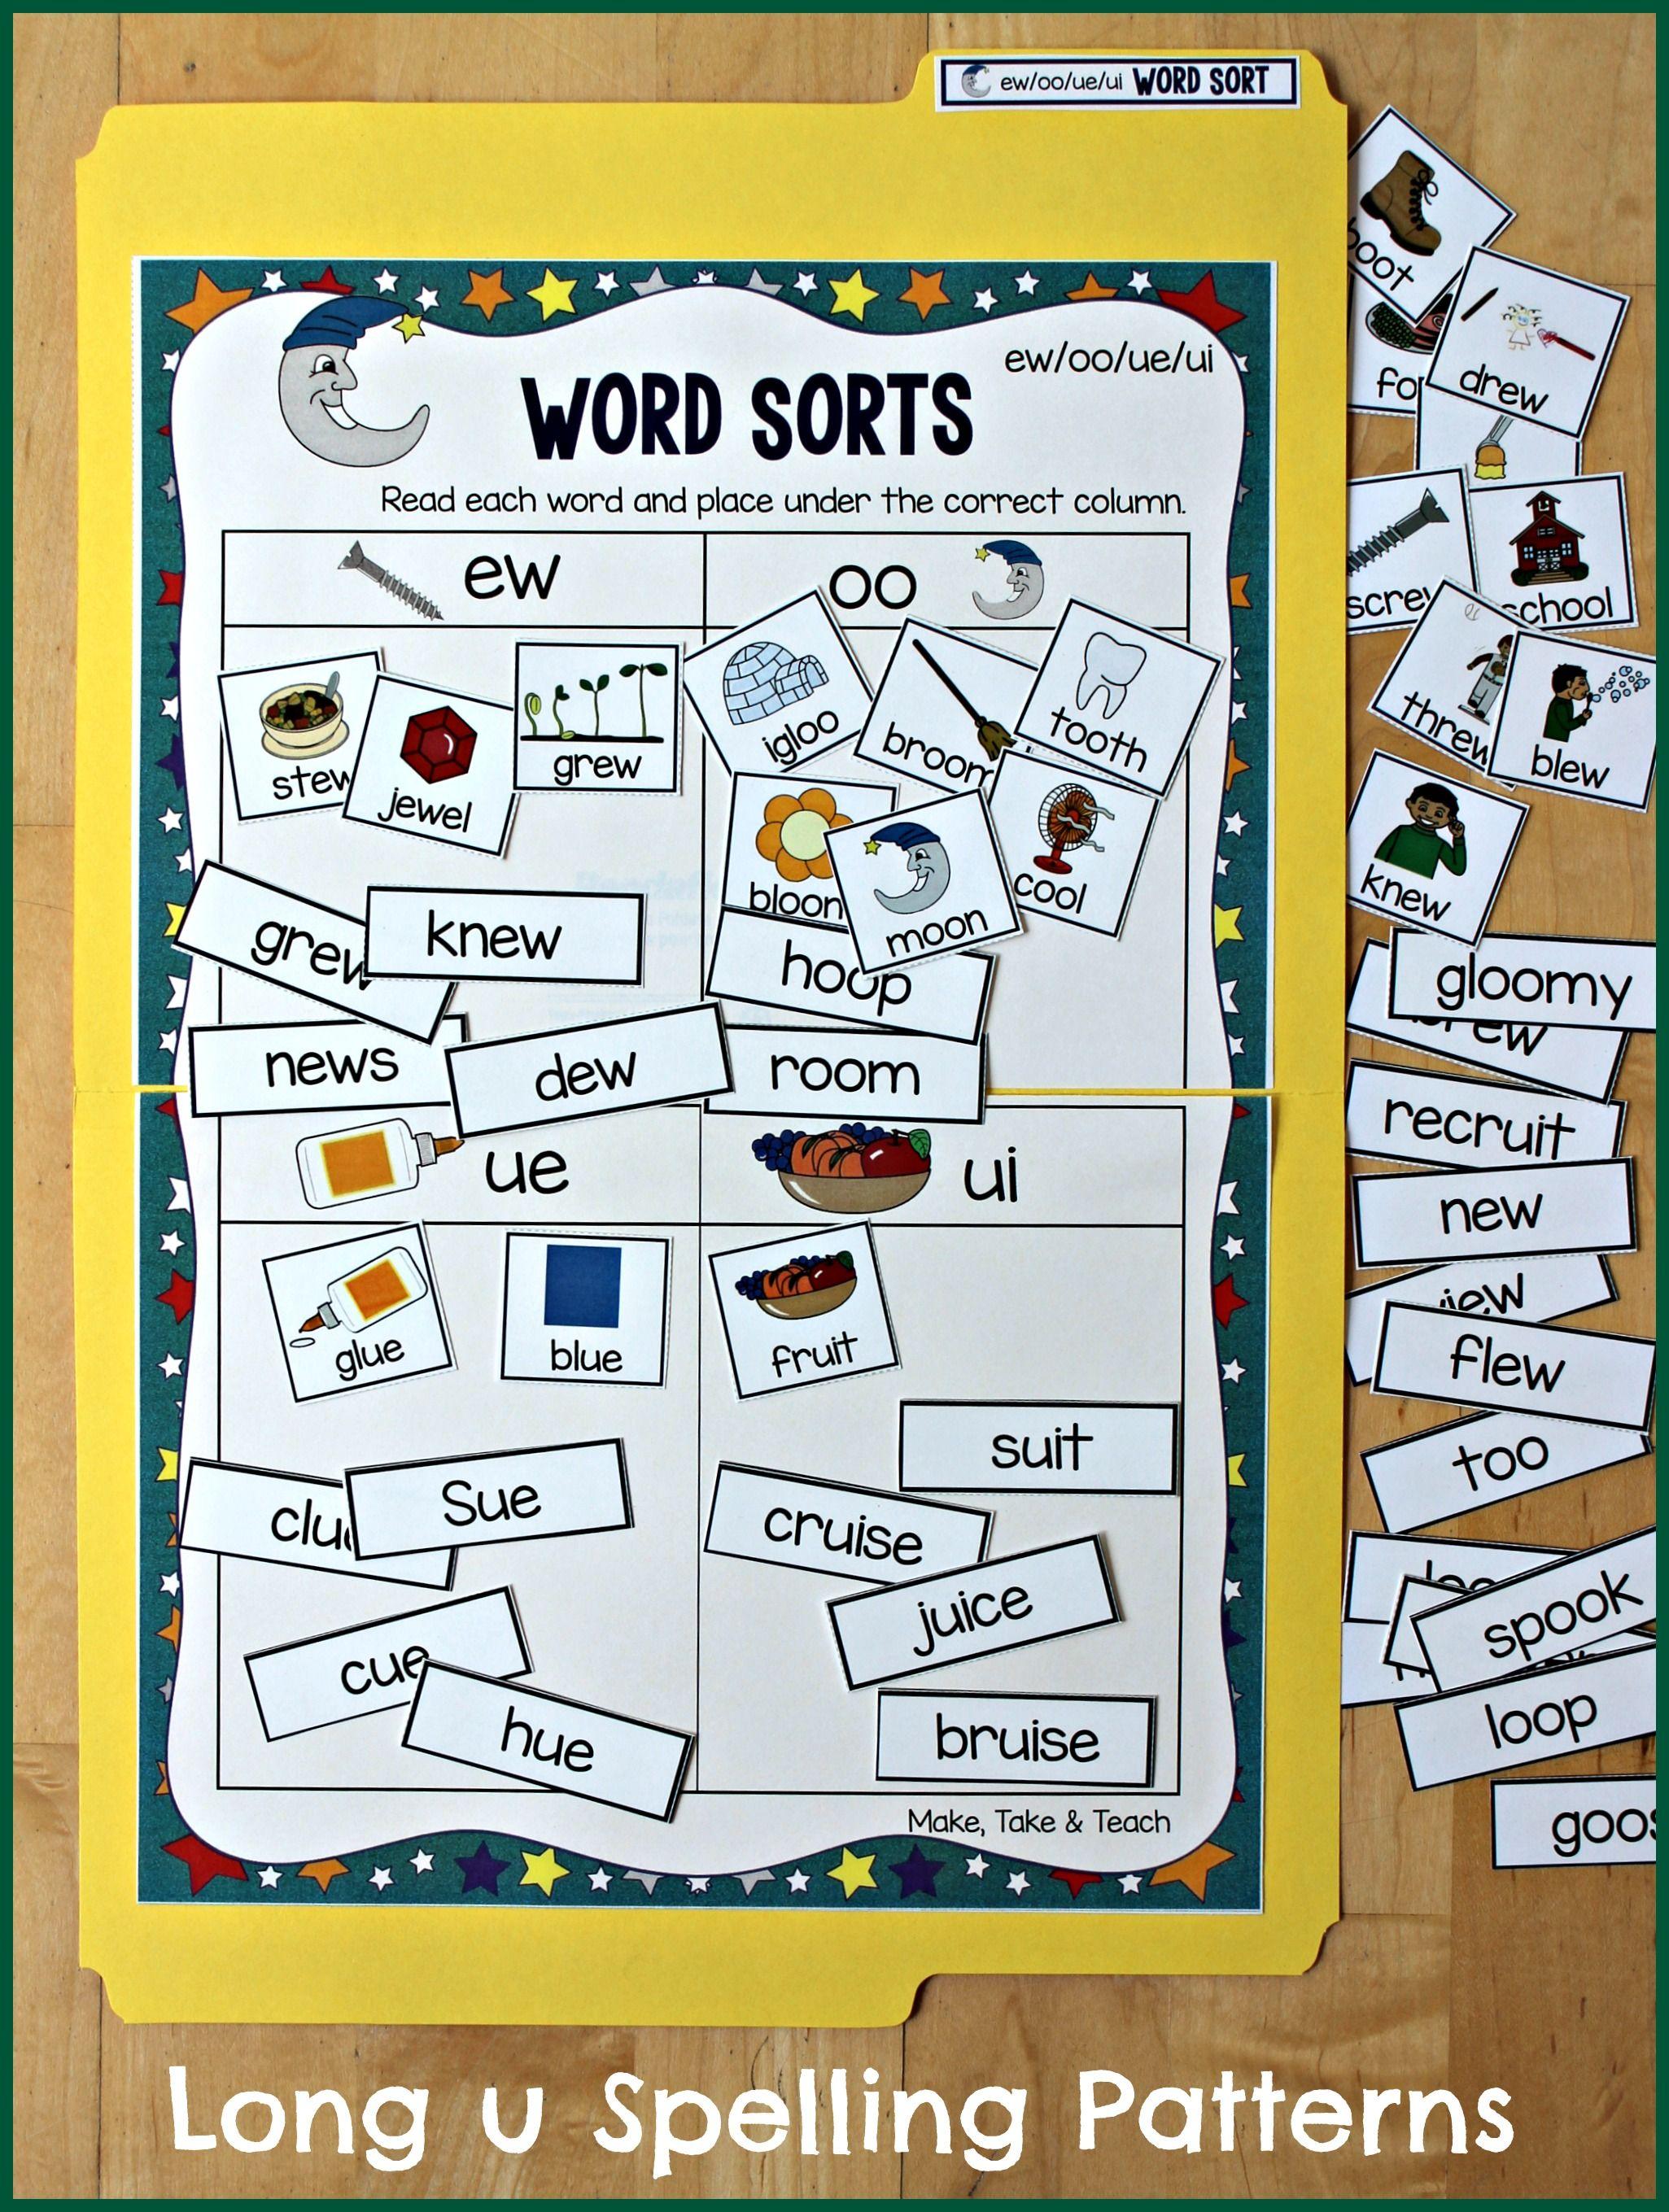 Teaching Long Vowel Spelling Patterns